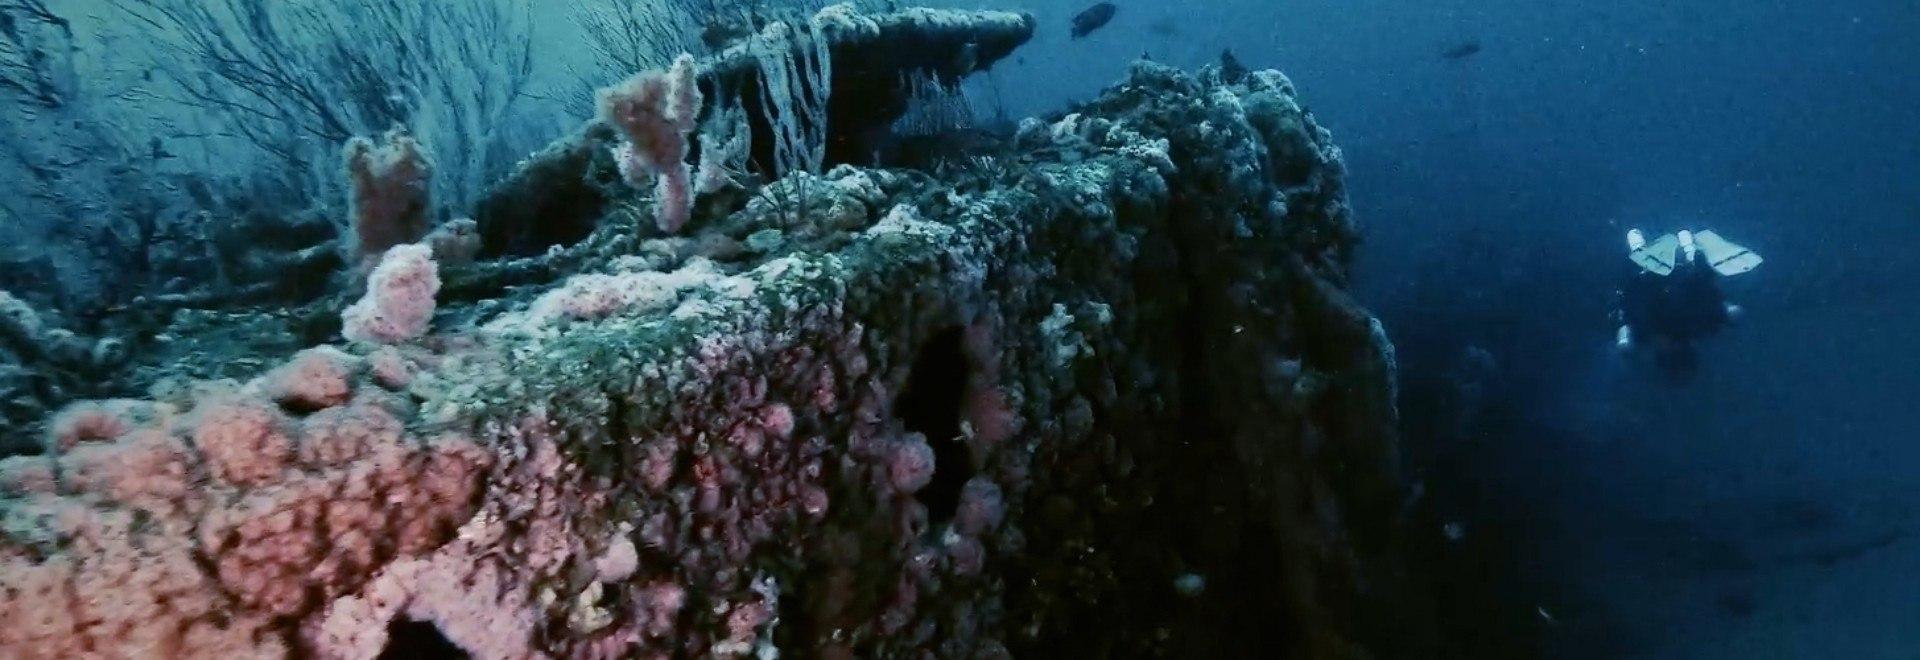 La grande barriera corallina